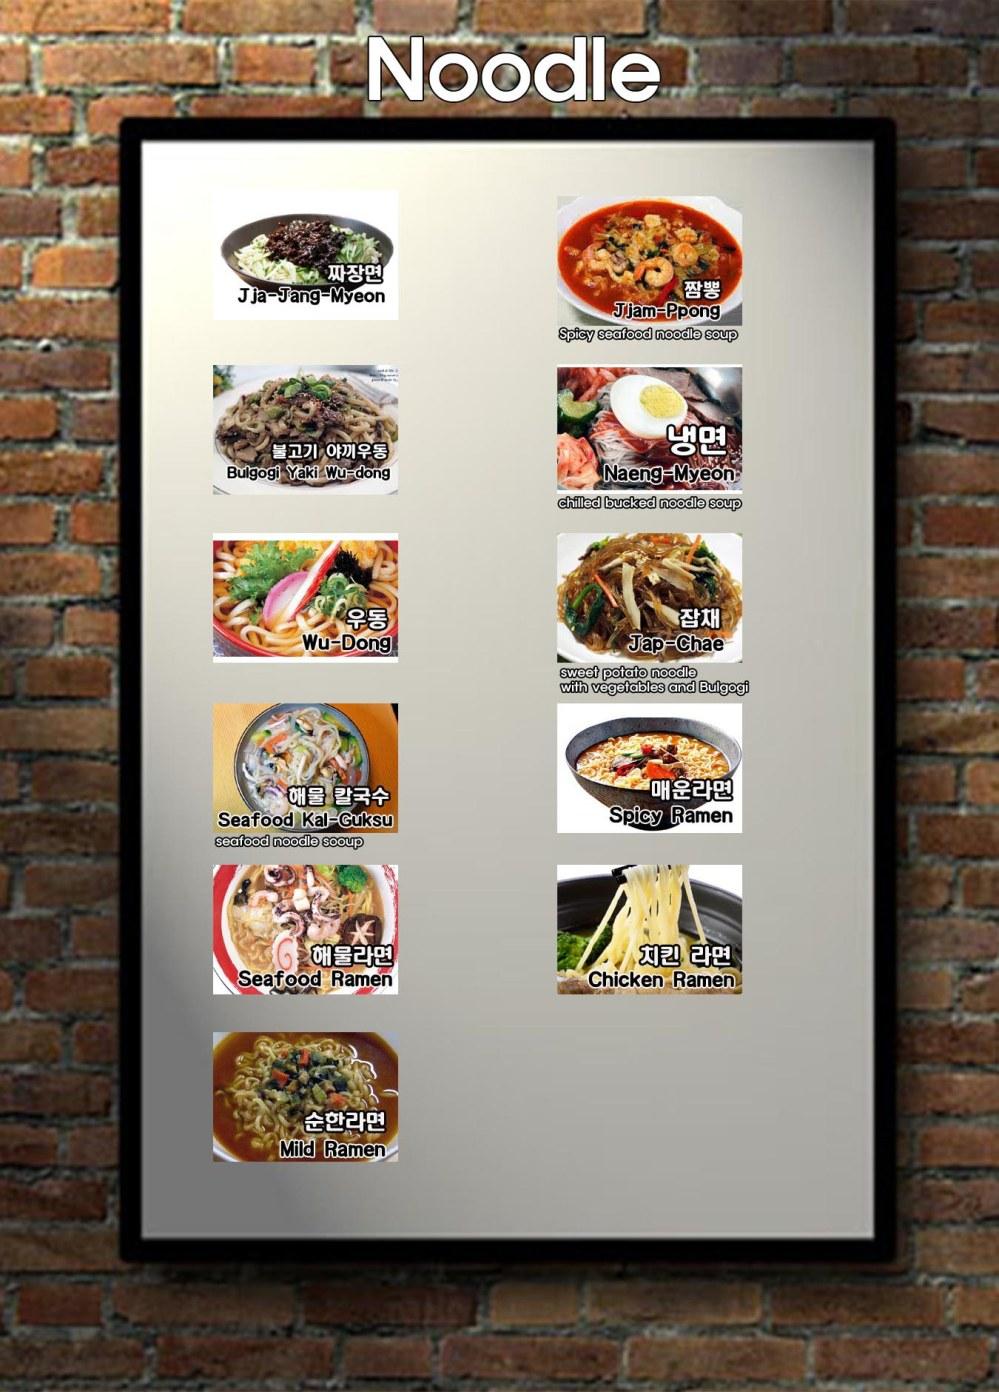 noodle website image